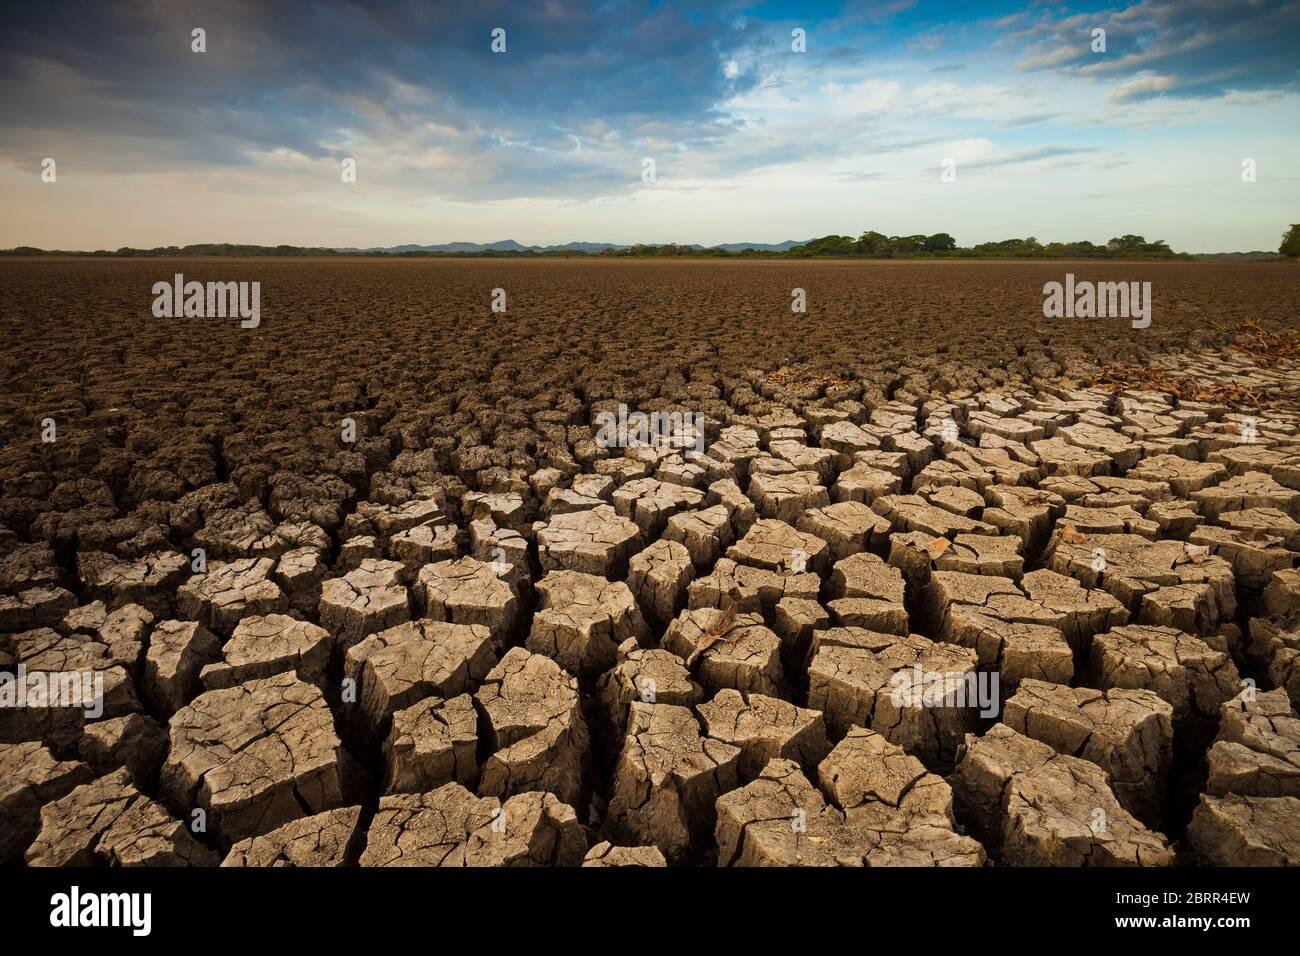 Drought in the lake of Cienaga de las Macanas, El Rincon, Herrera province, Republic of Panama. Stock Photo